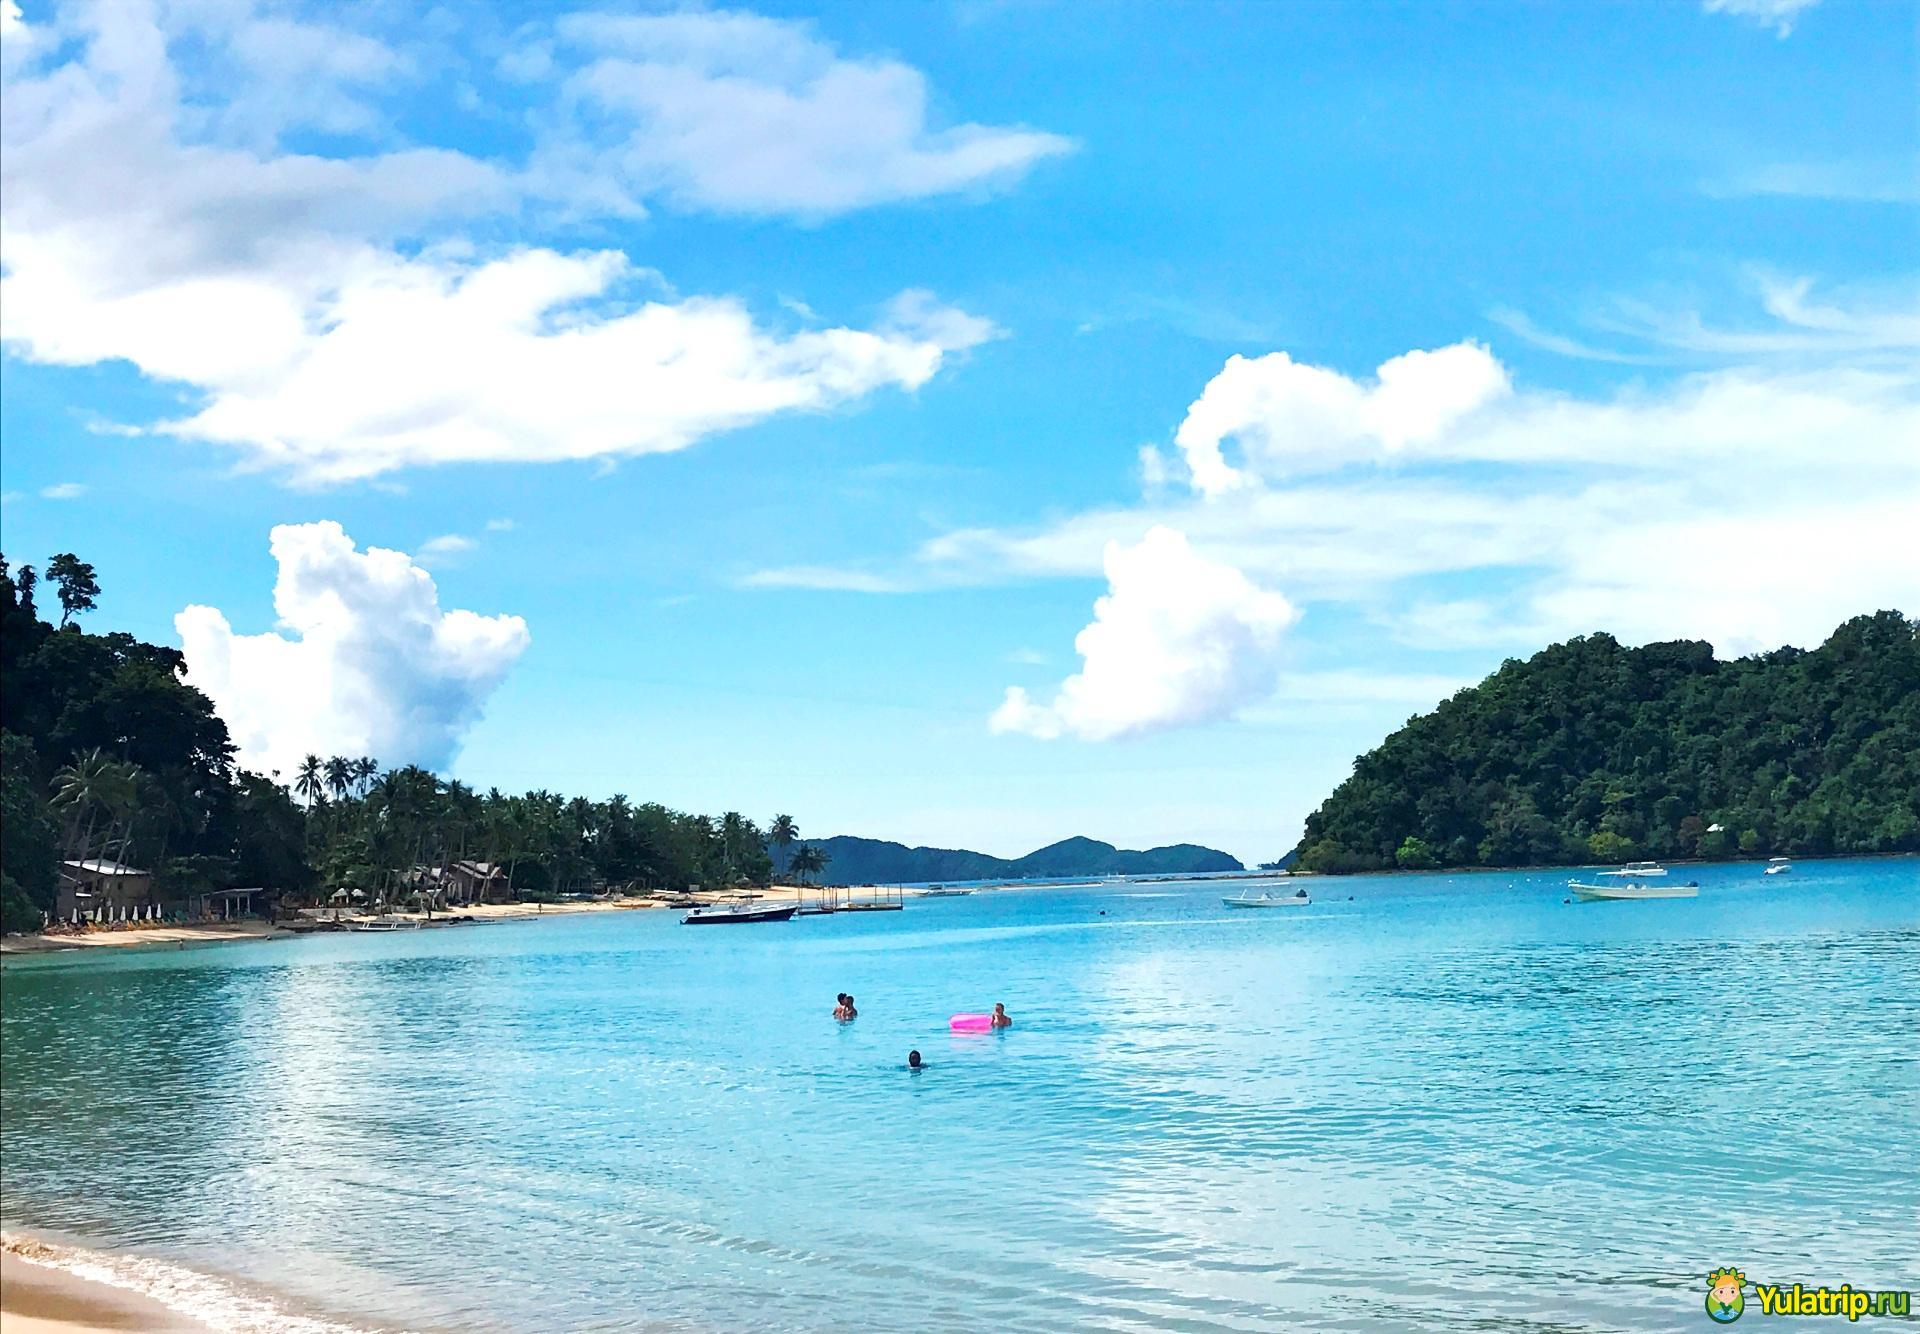 Лас Кабанас пляж эль нидо филиппины